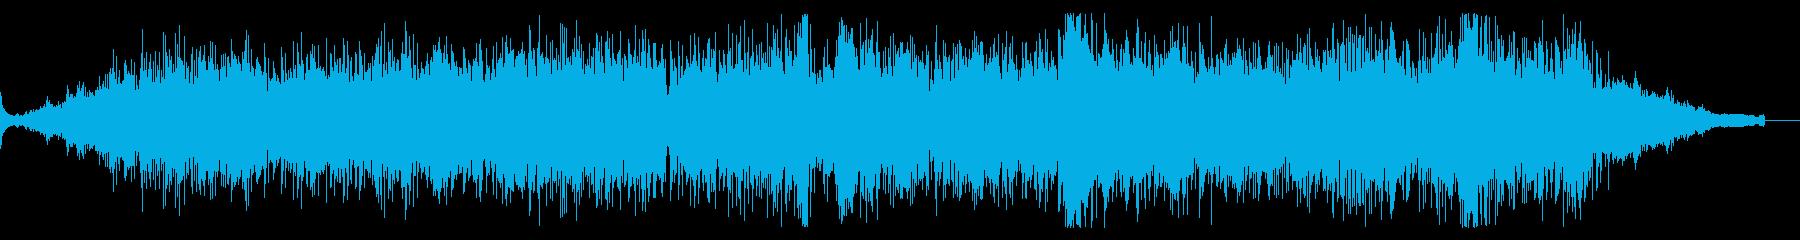 アトモスフィリックでエスニックなBGMの再生済みの波形